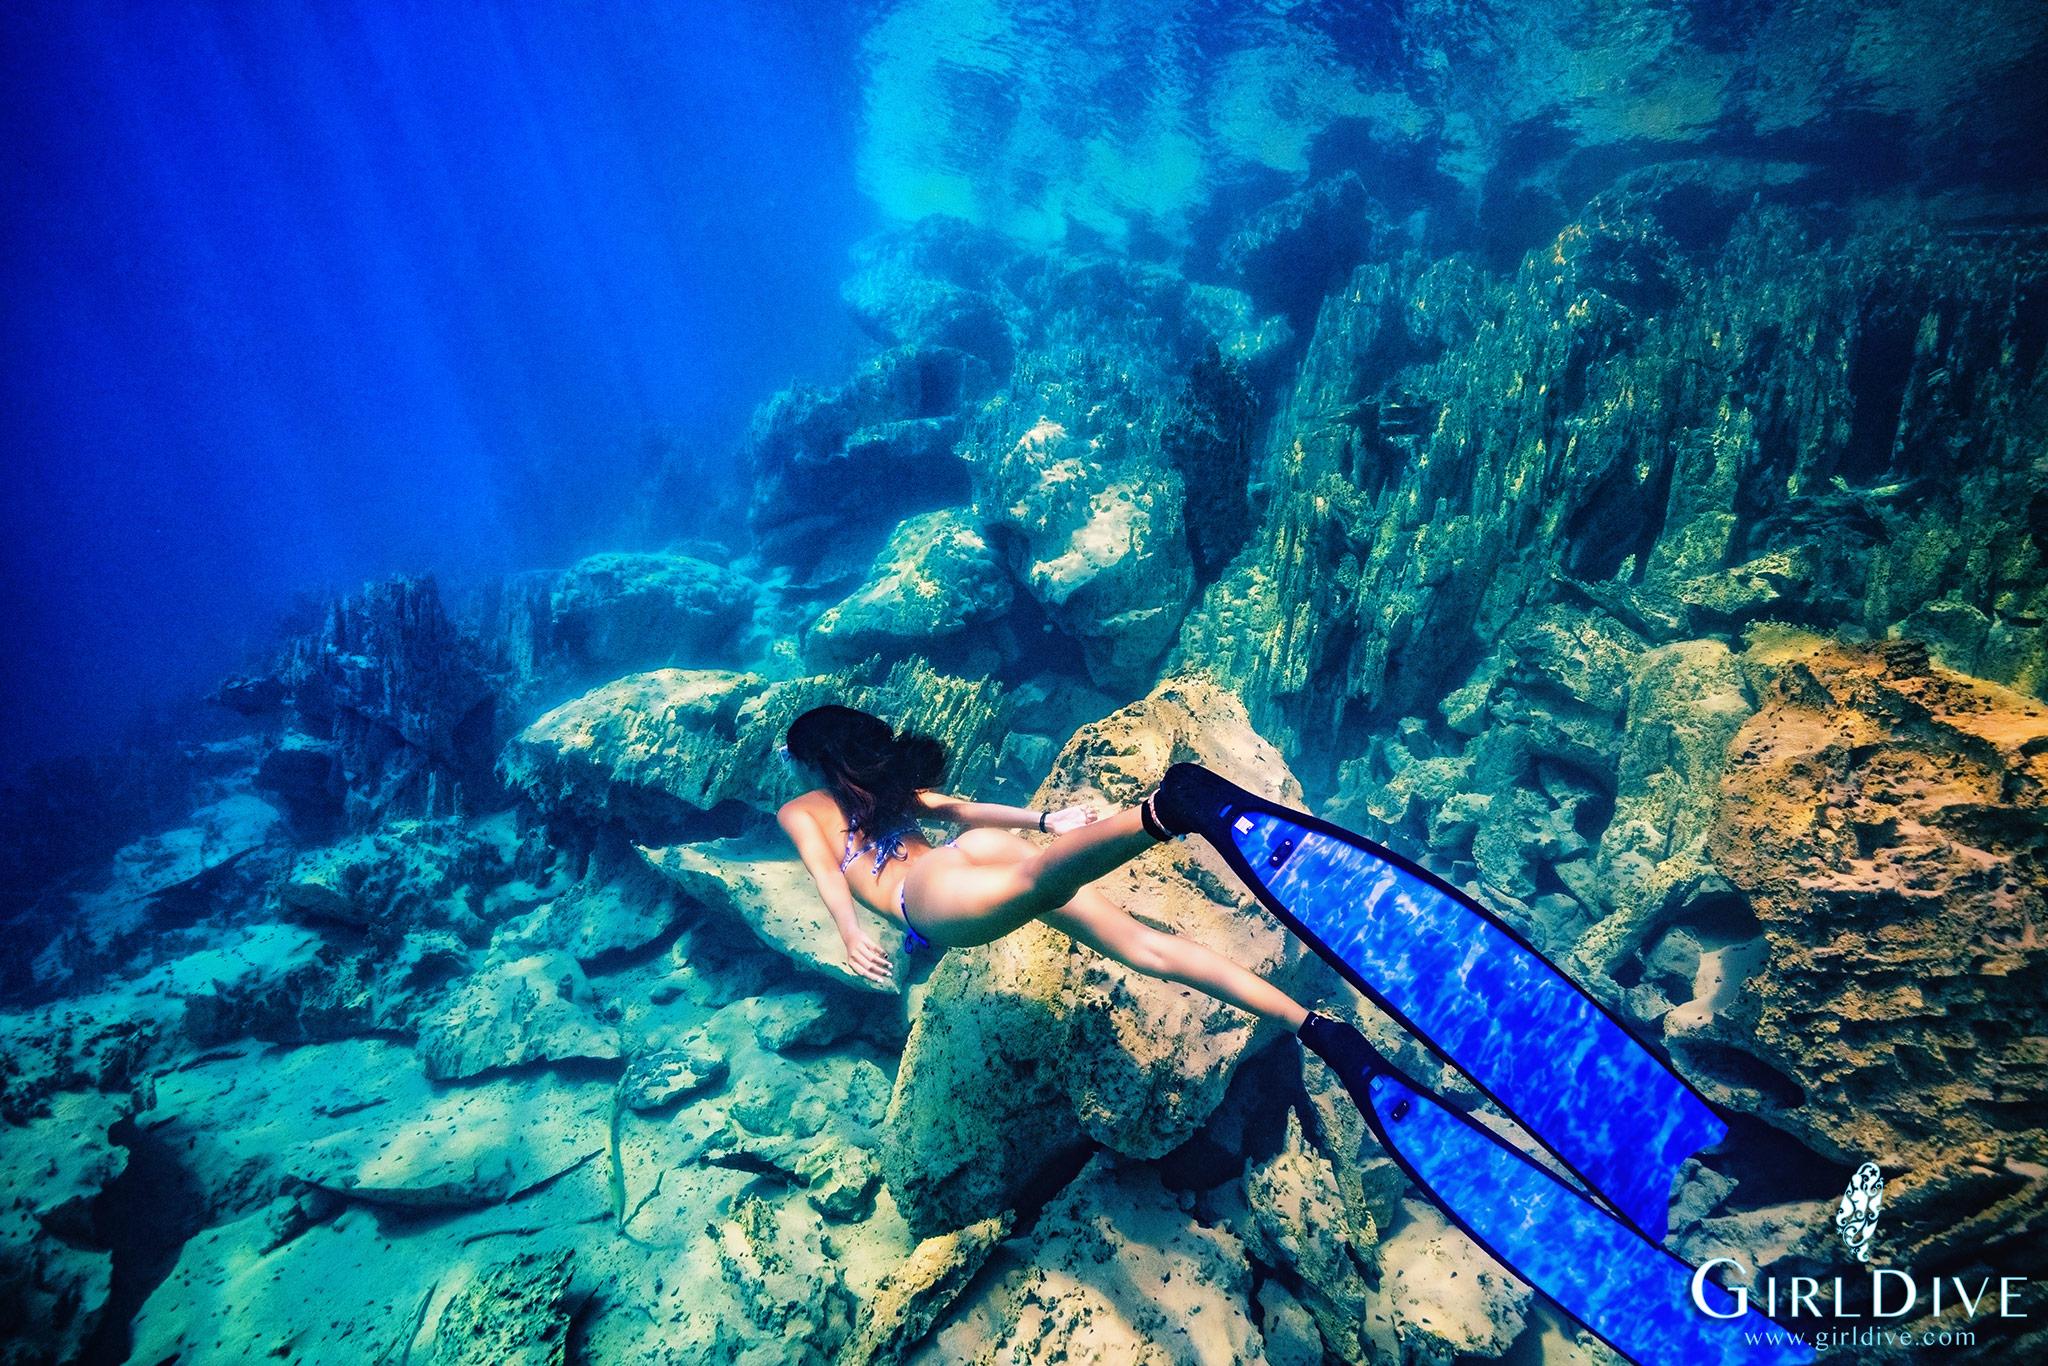 海外潛旅,自由潛水,旅遊,度假,水中攝影